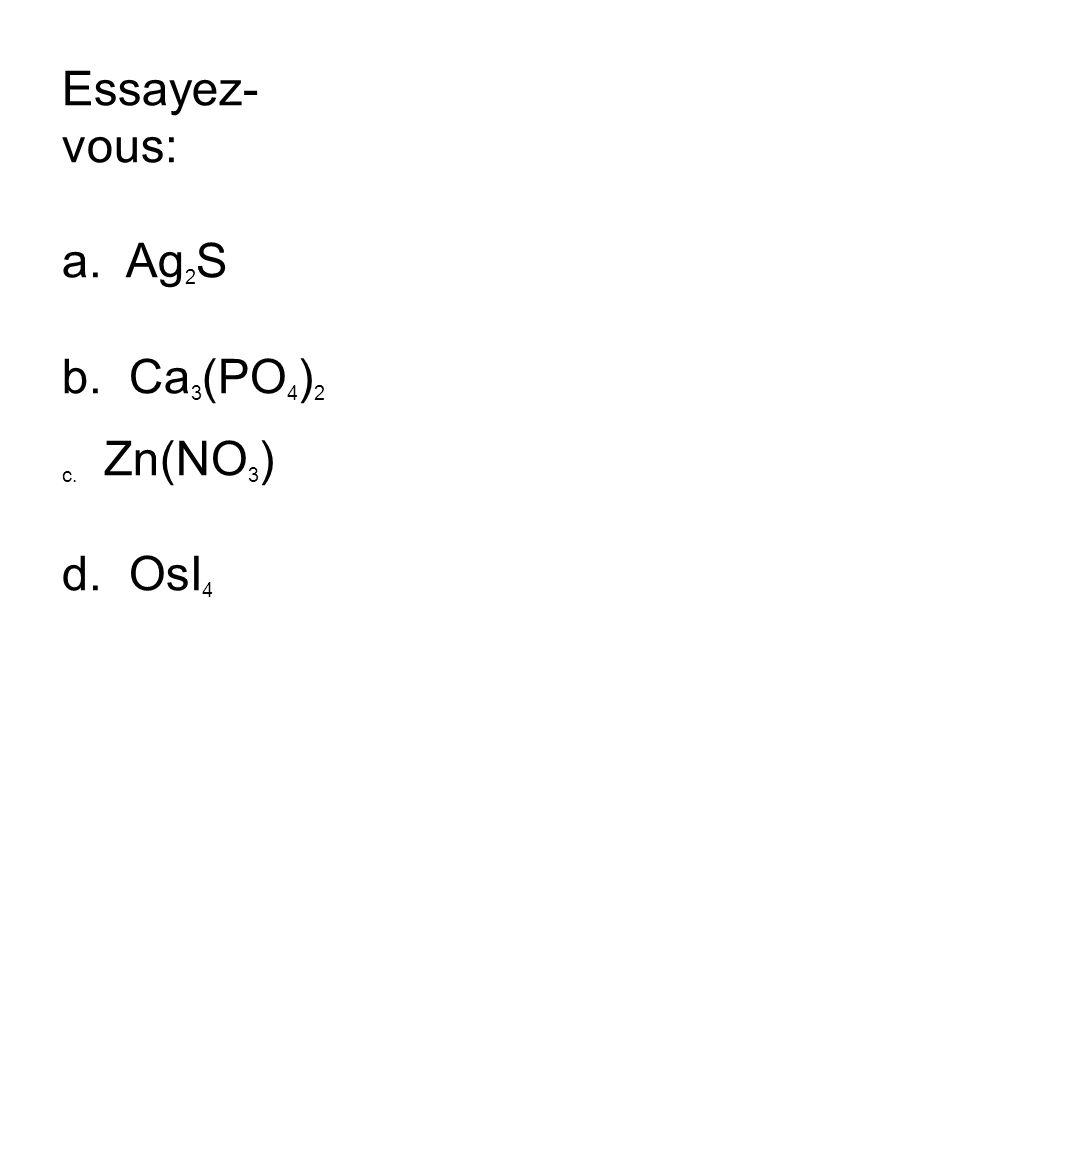 Essayez- vous: a. Ag 2 S b. Ca 3 (PO 4 ) 2 c. Zn(NO 3 ) d . OsI 4